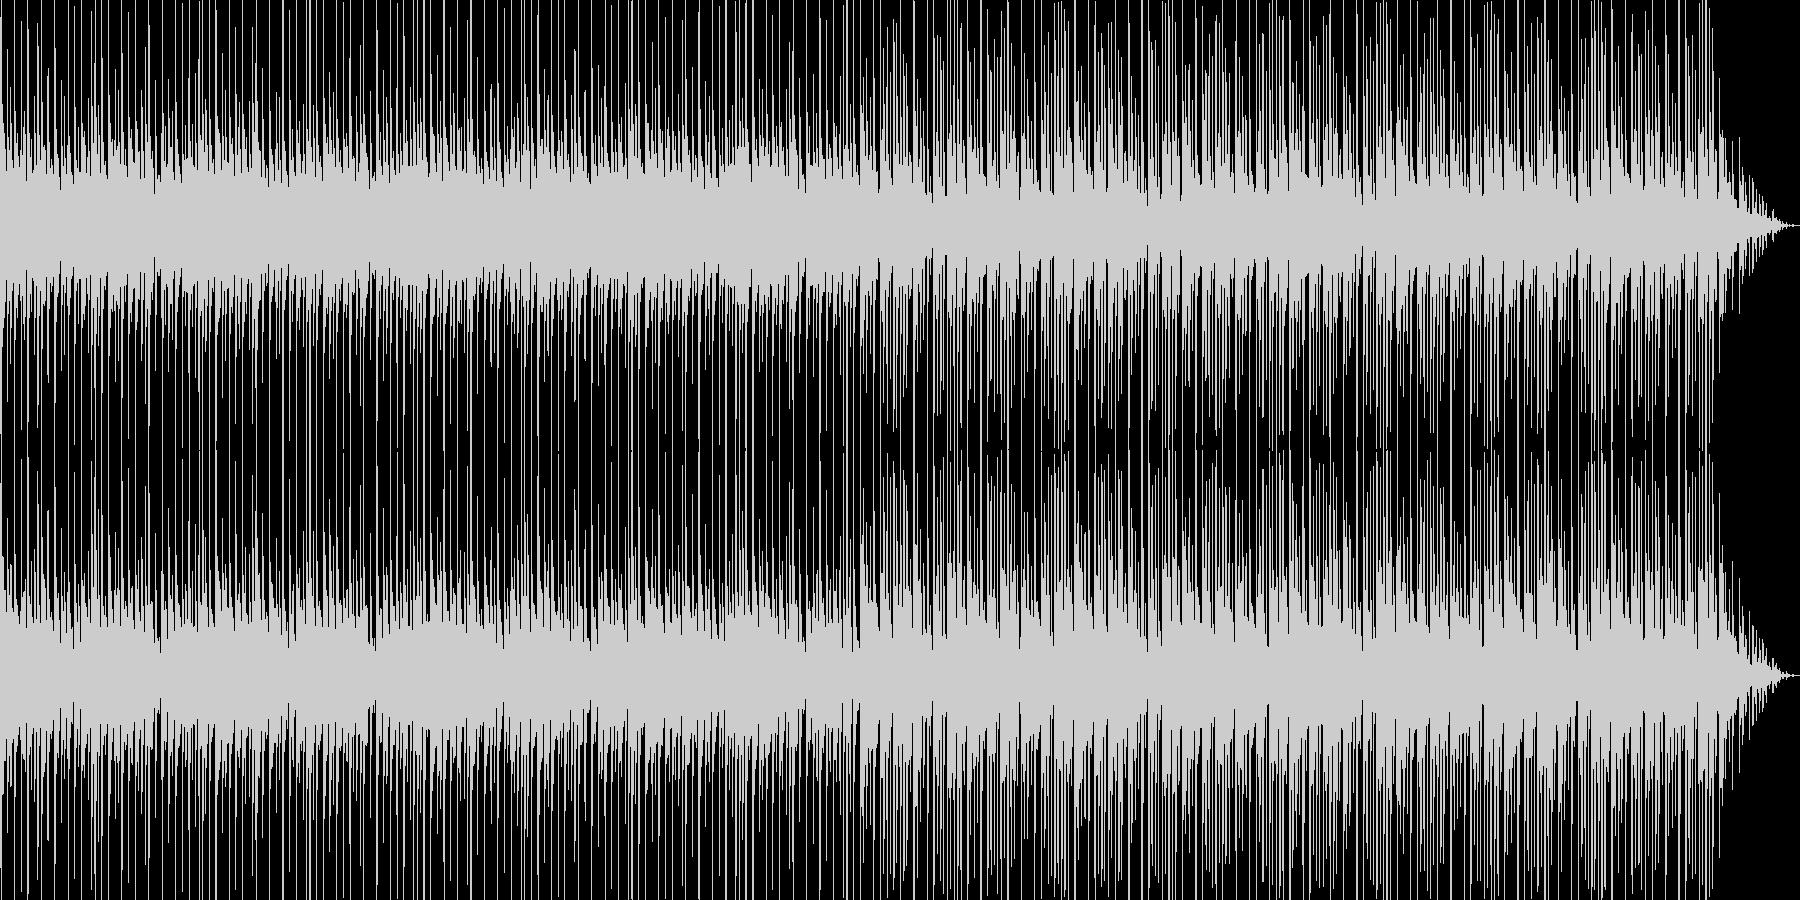 オシャレでほのぼのした雰囲気のテクノの未再生の波形